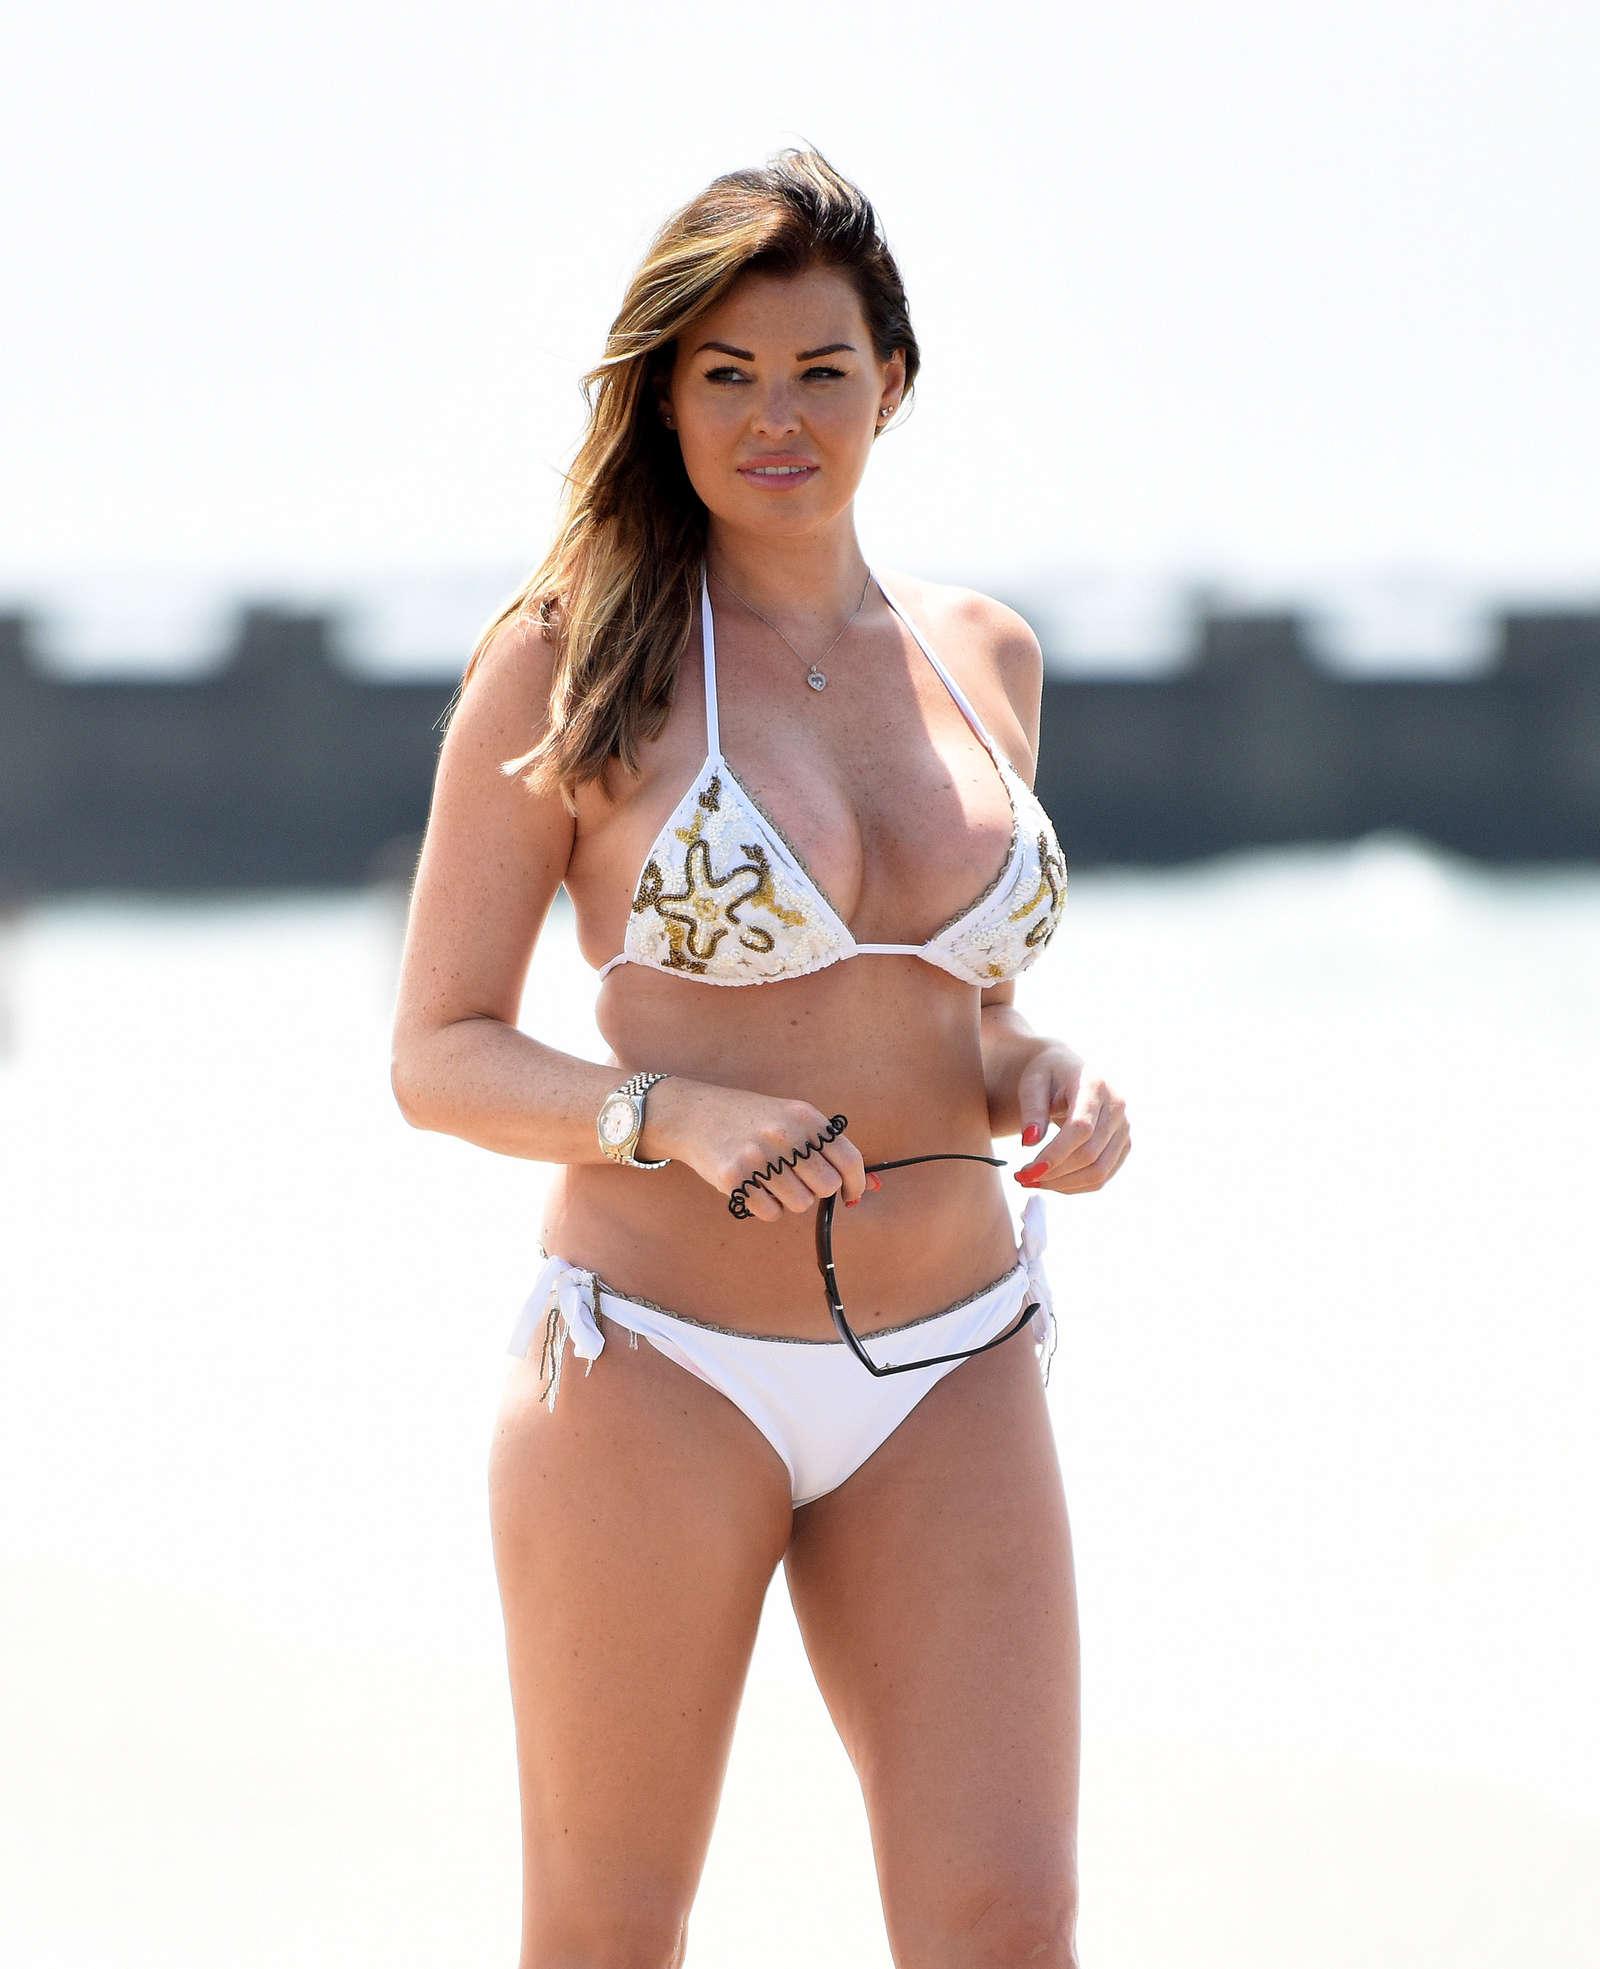 jessica wright in white bikini in los angeles